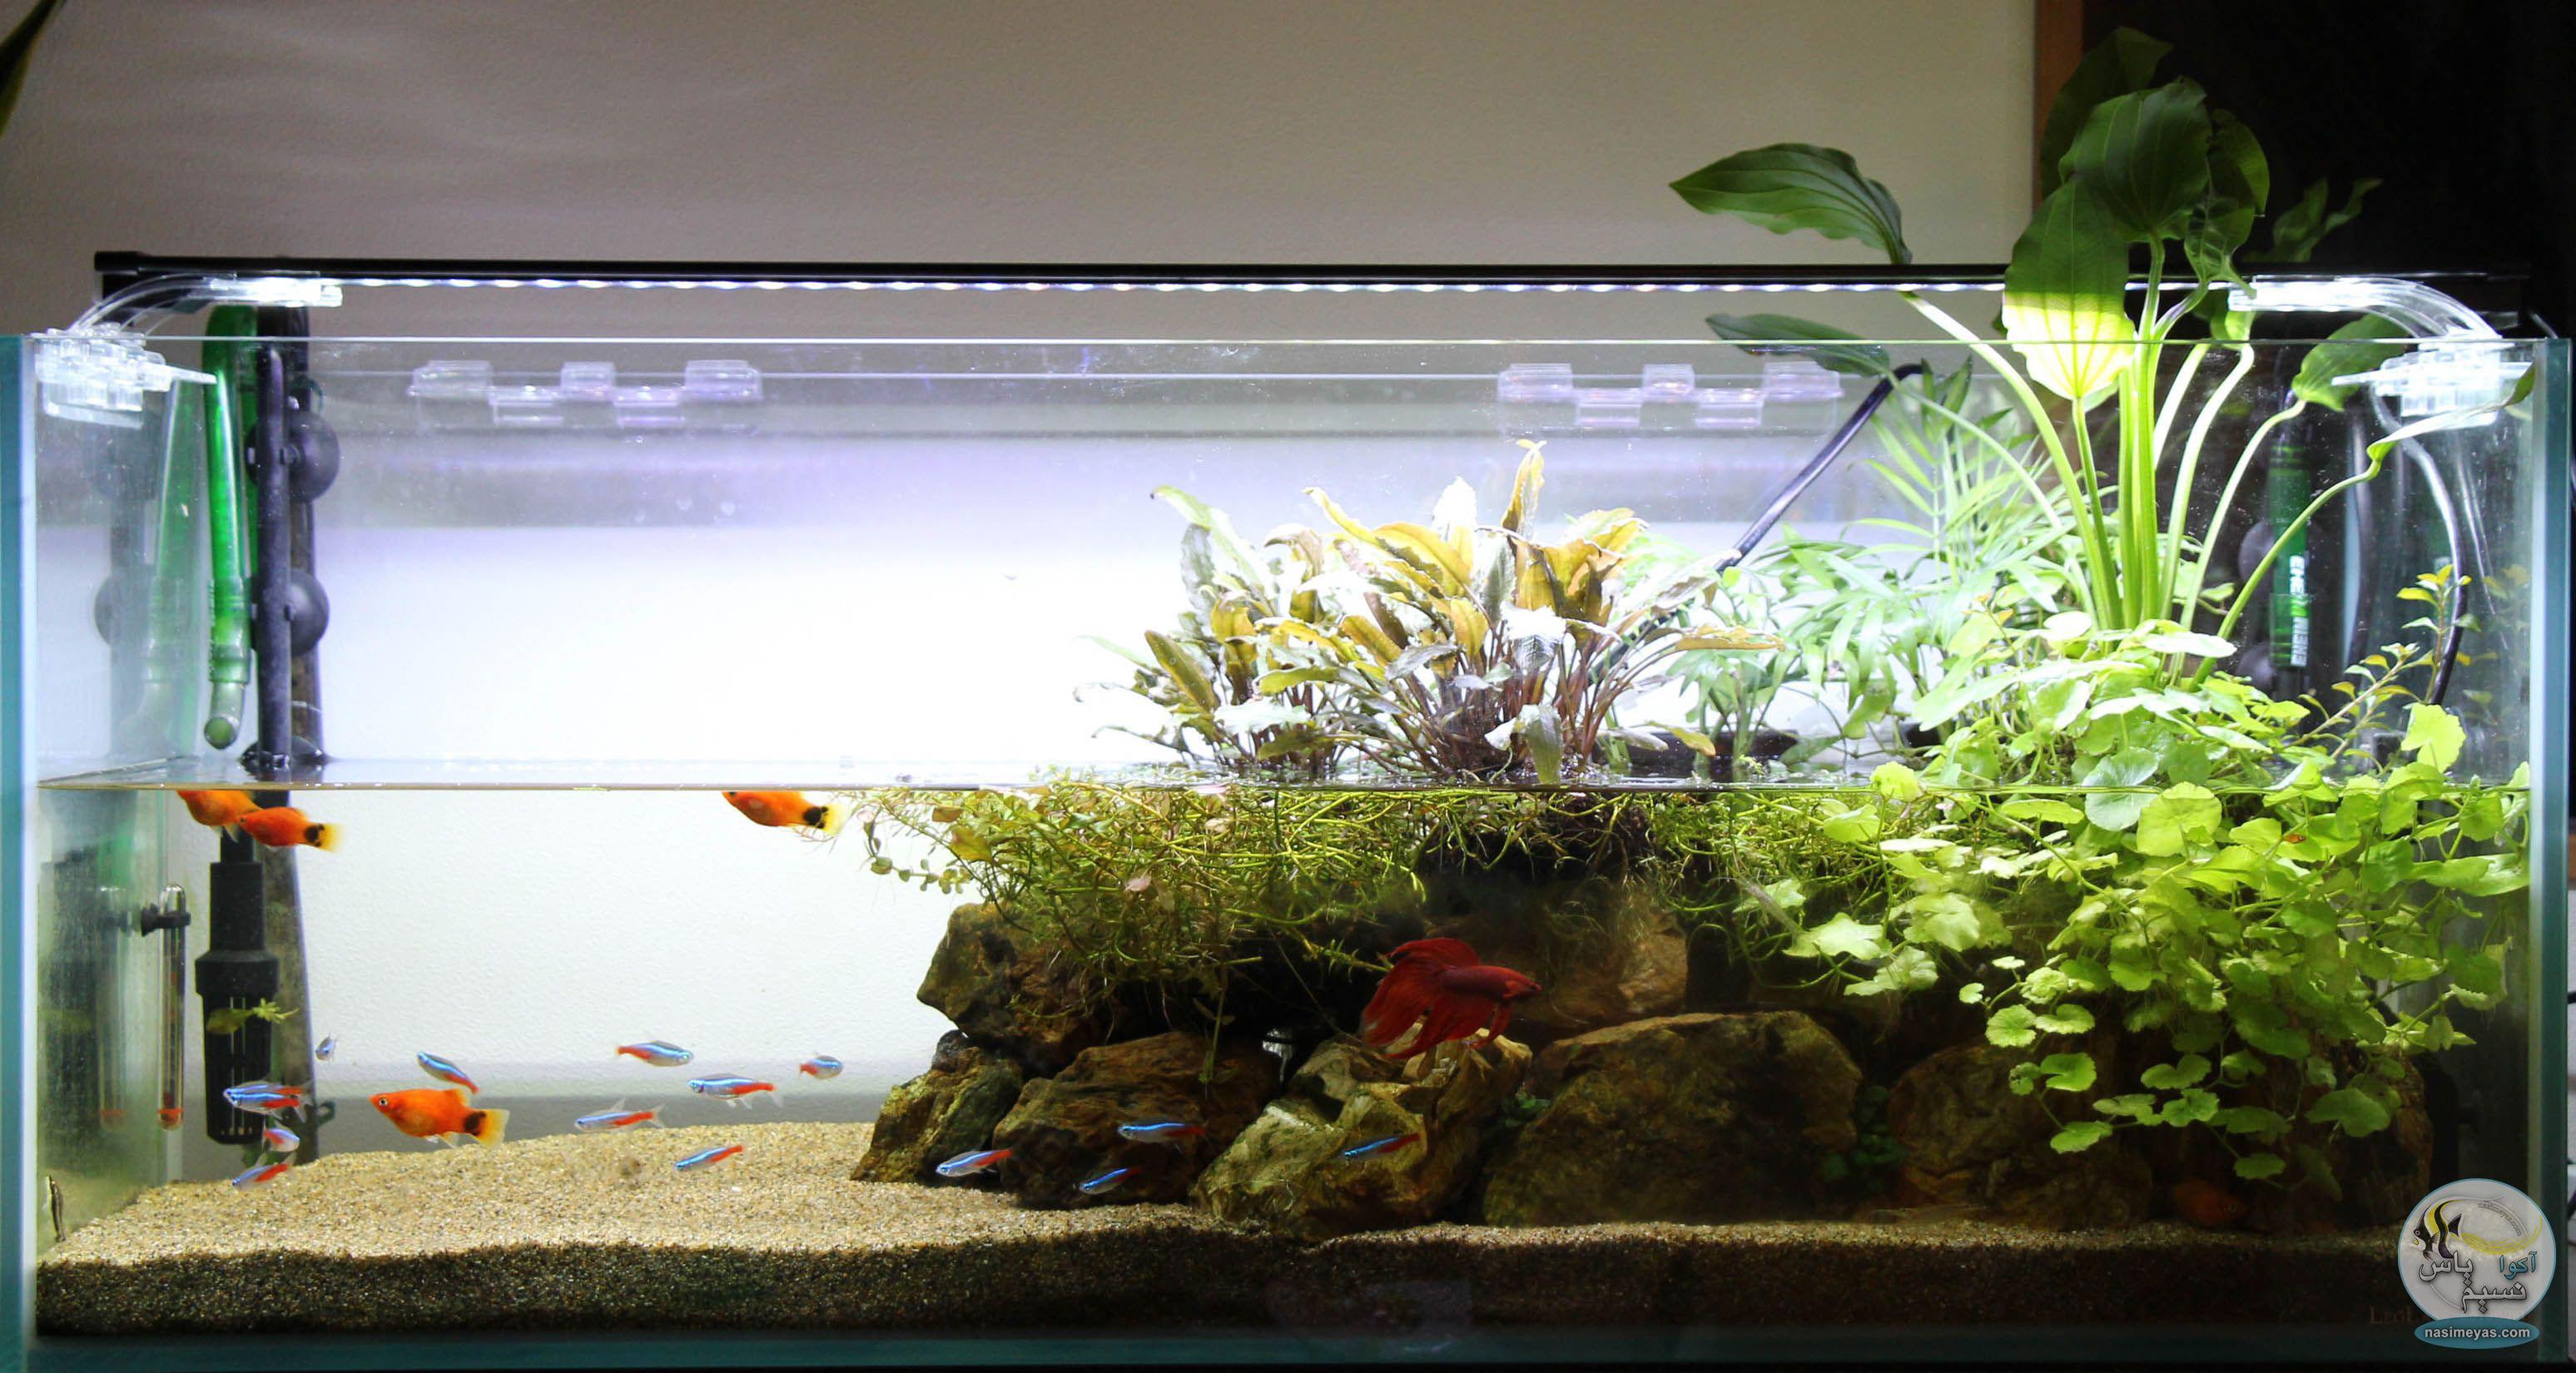 ریپاریوم گیاهی; ابعاد جدیدی از نگهداری گیاهان آکواریومی